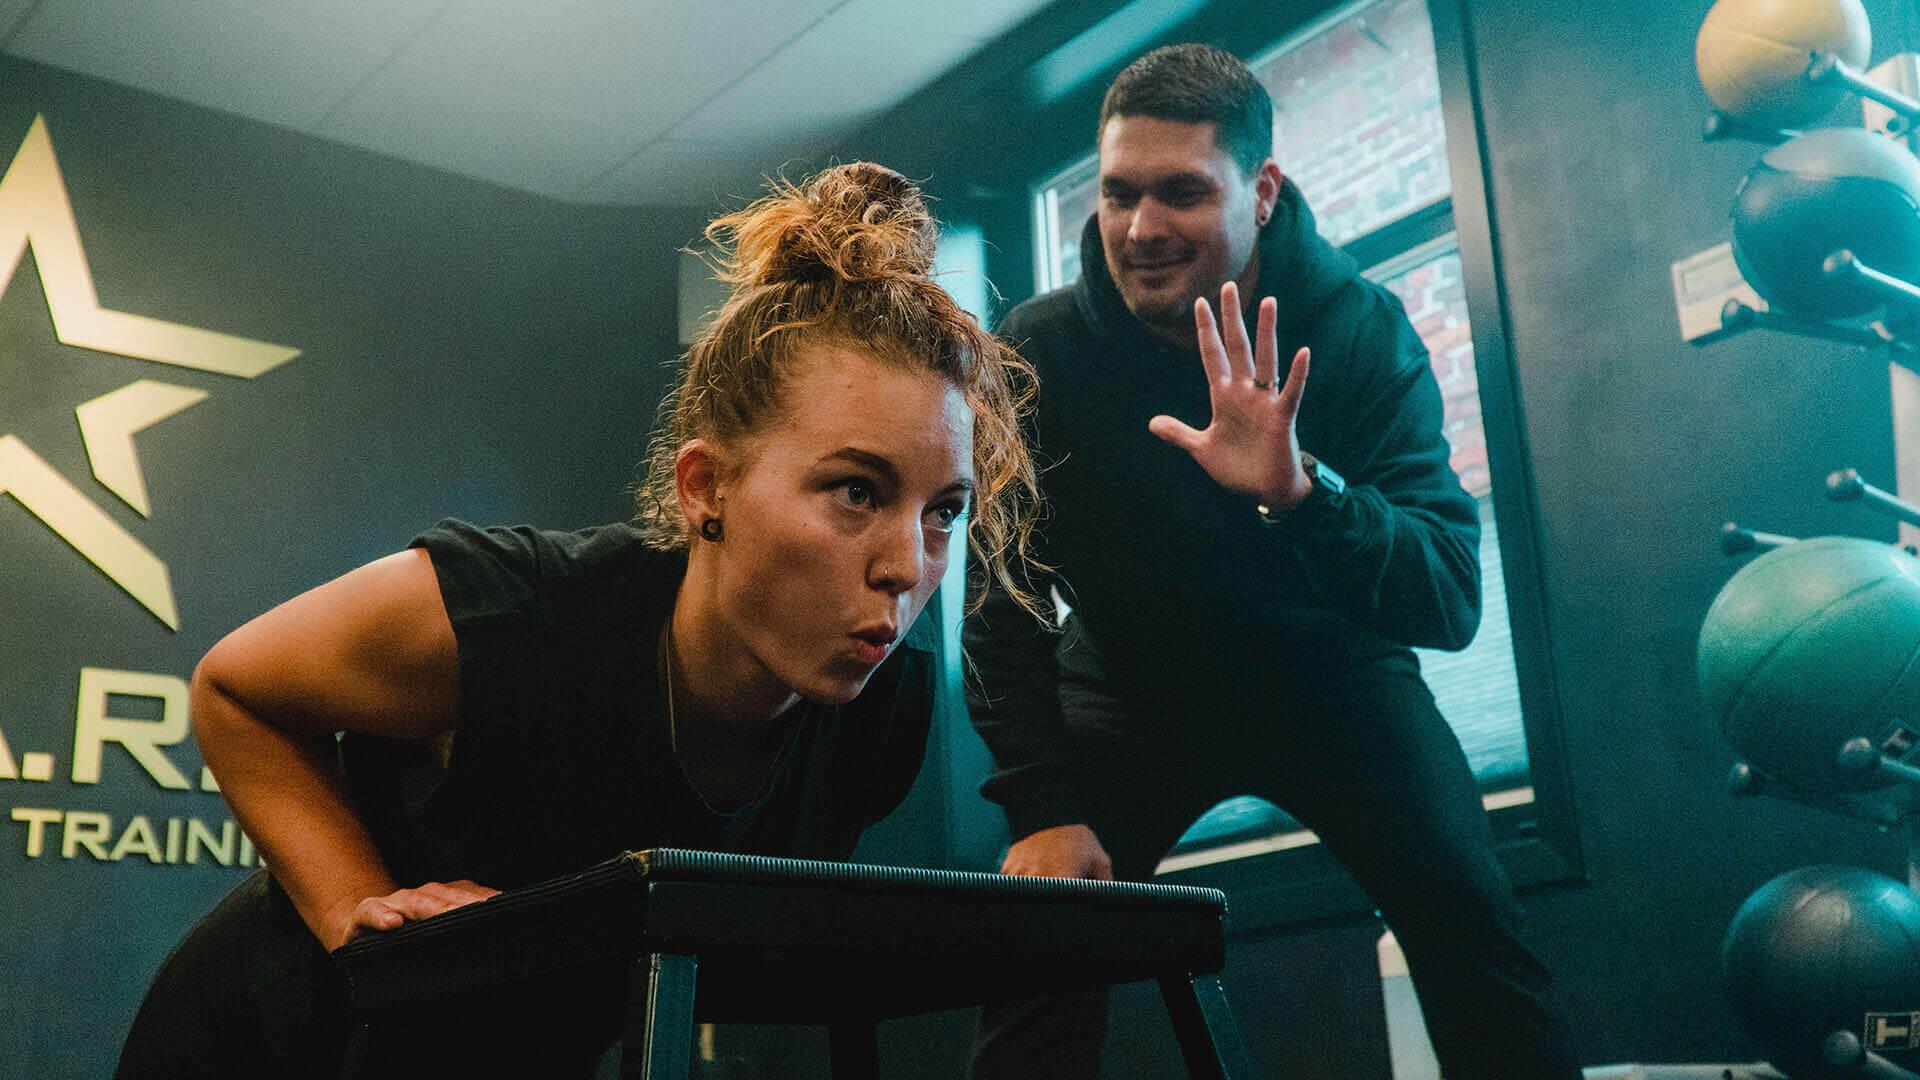 Duo Personal Training   Personal Trainer   Groningen - Haren - Zuidhorn